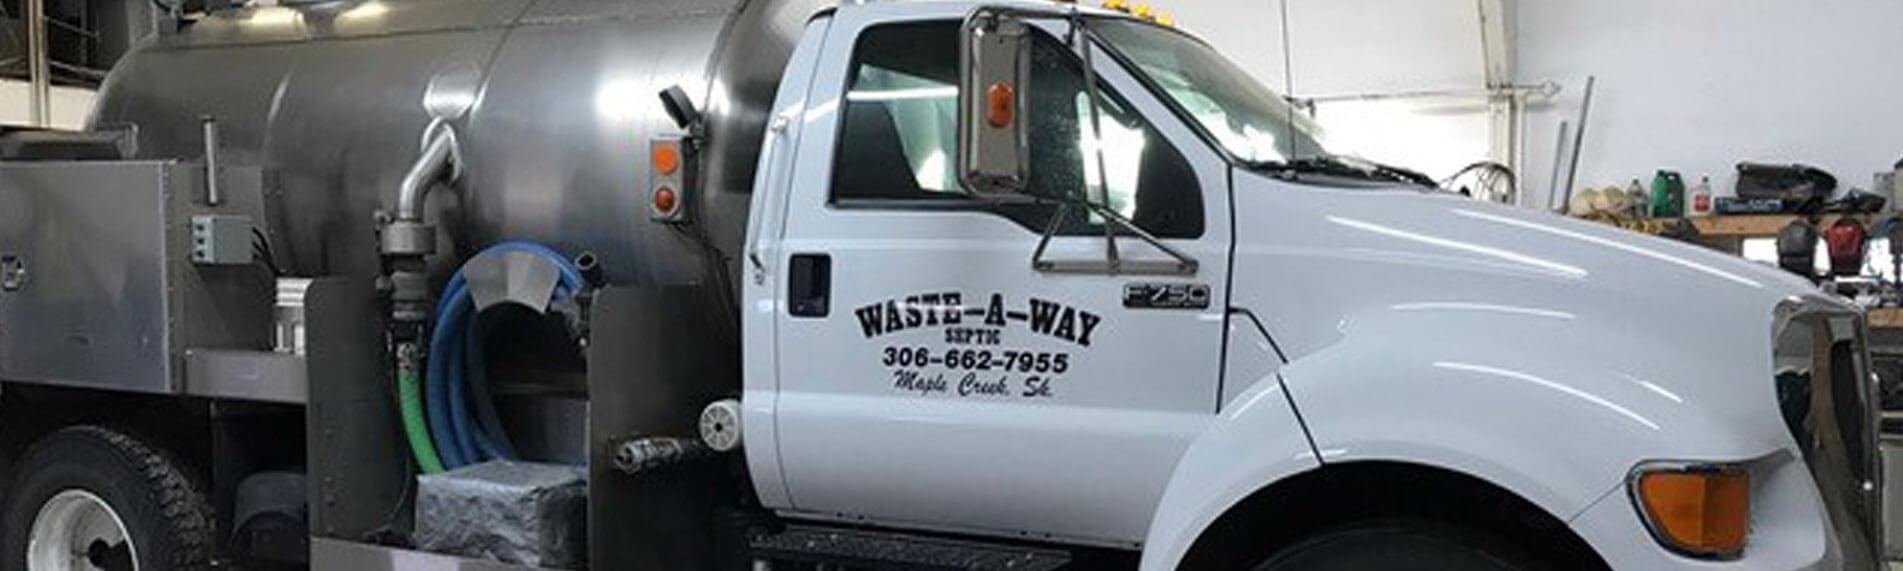 Waste-A-Way truck